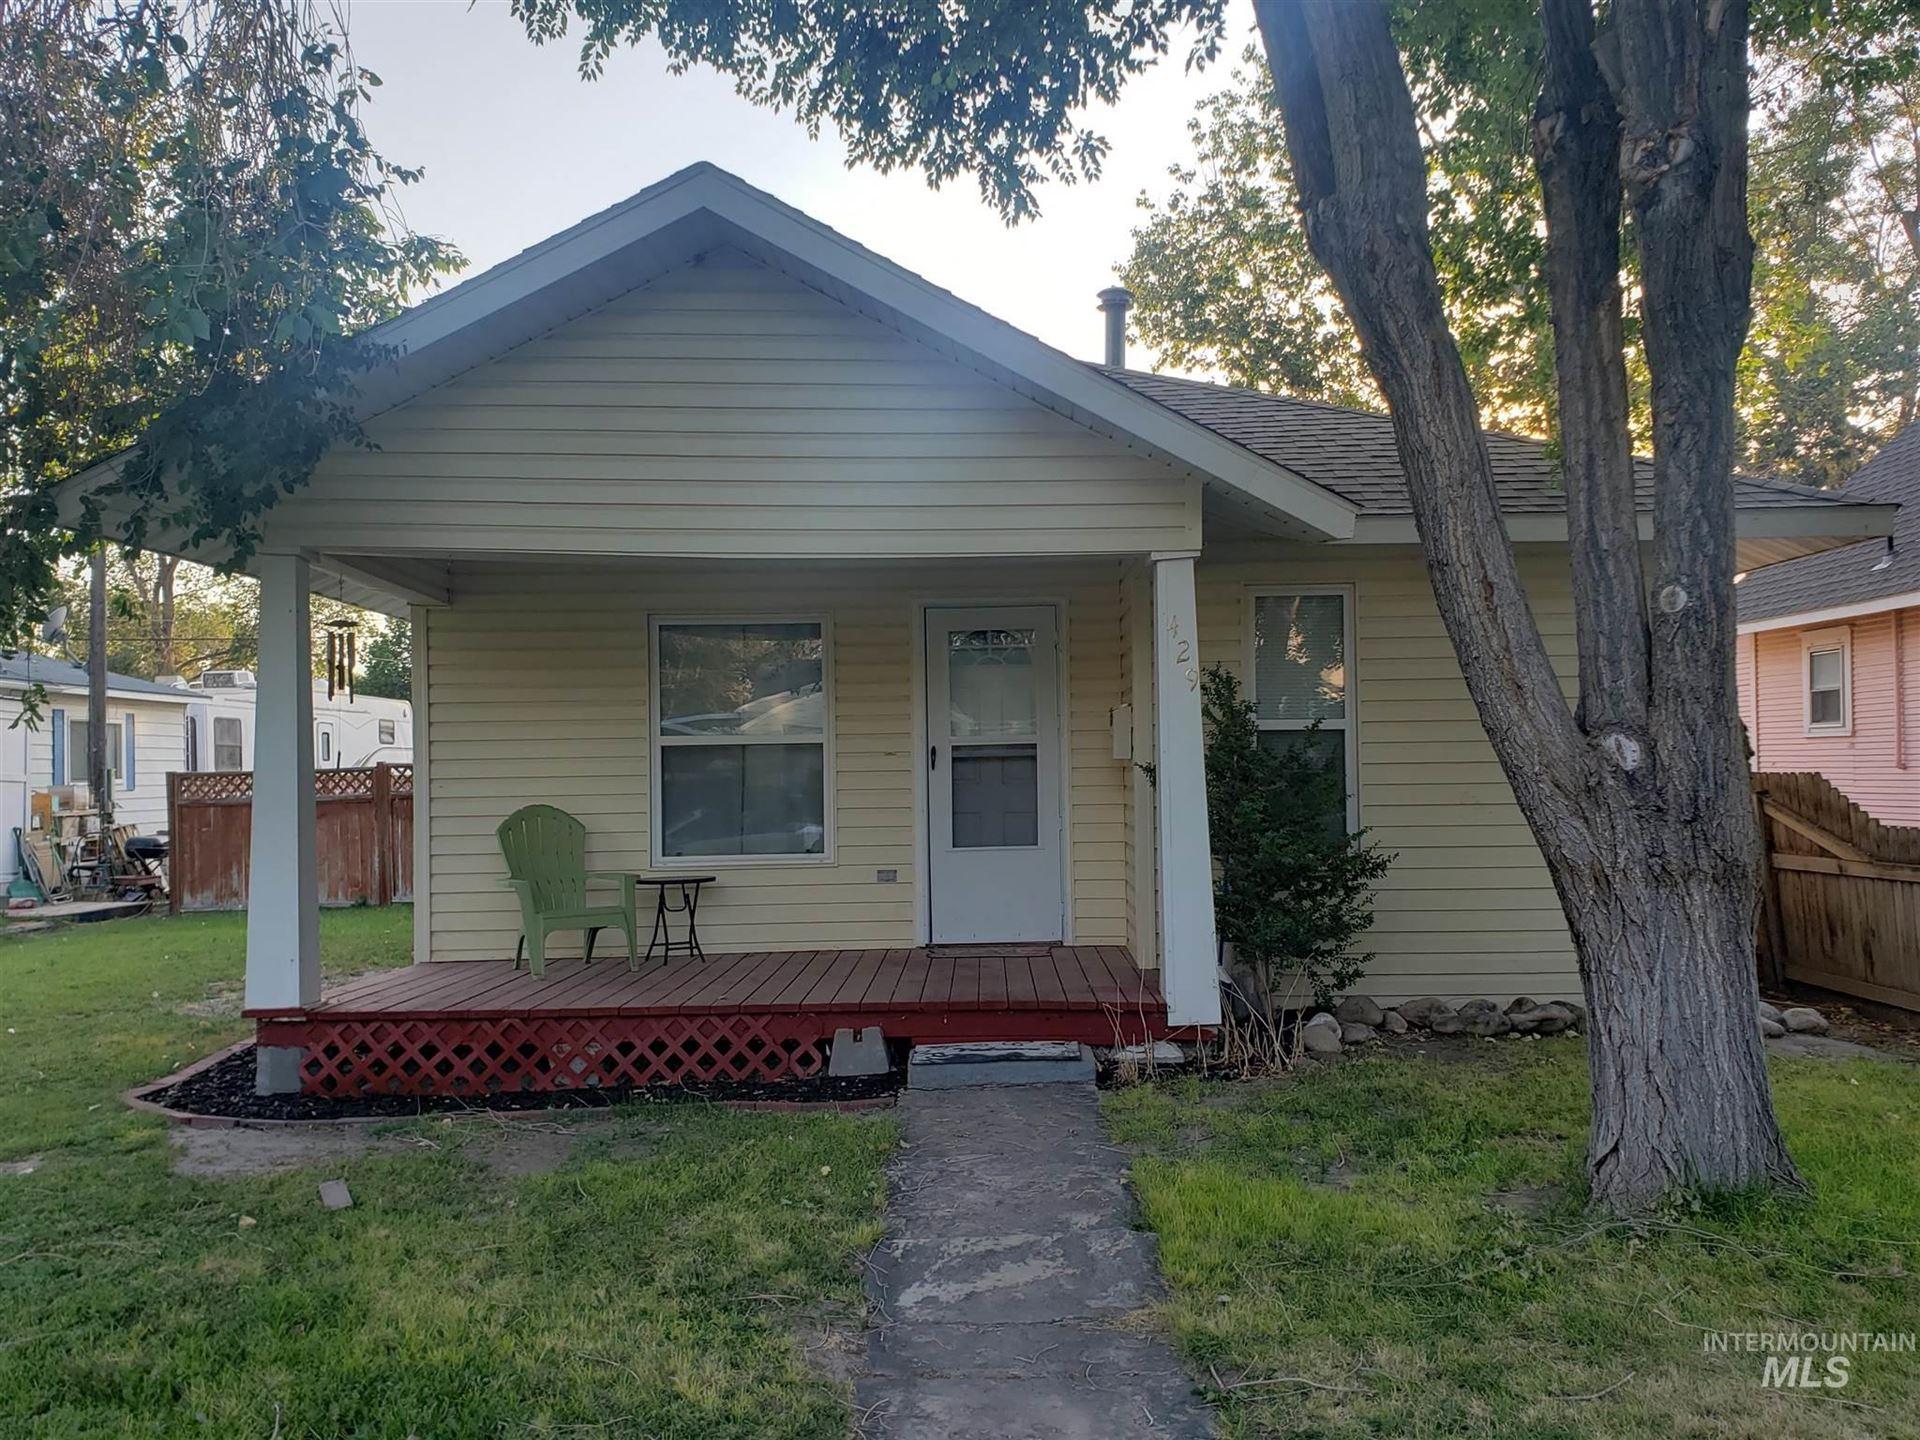 Photo of 429 Walnut, Twin Falls, ID 83301 (MLS # 98811591)